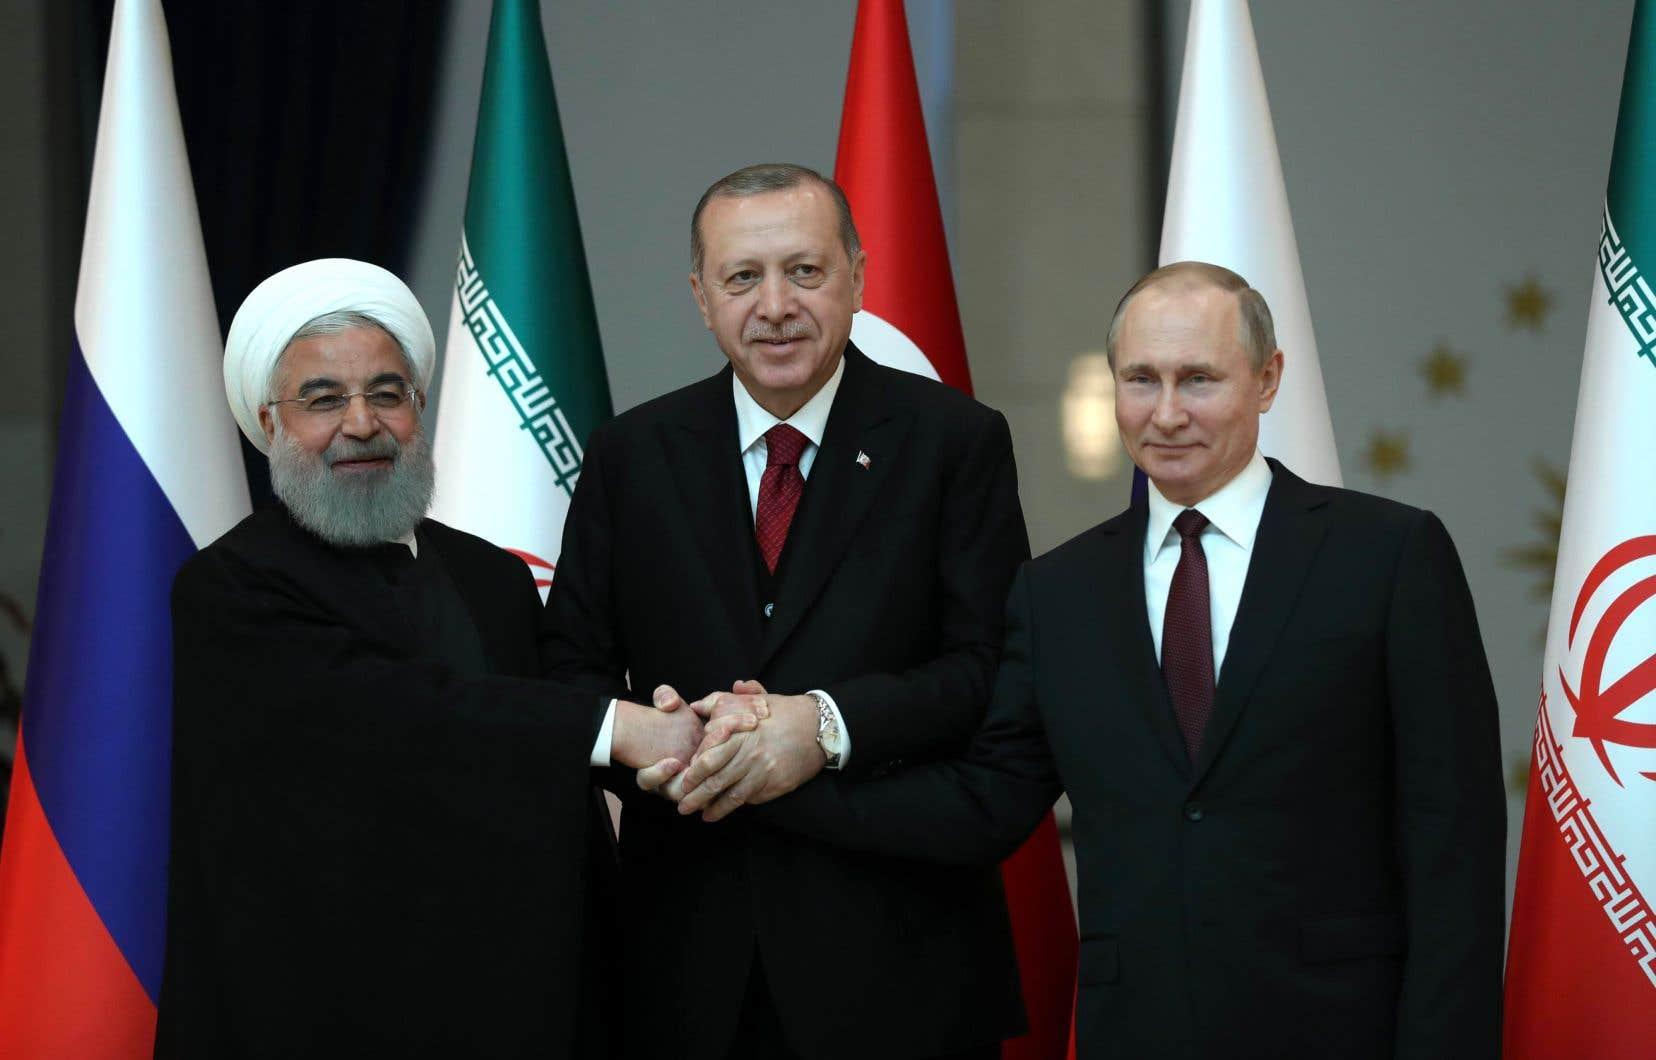 Les présidents turc Recep Tayyip Erdogan, russe Vladimir Poutine et iranien Hassan Rohani ont échangé une poignée de main devant les caméras avant d'entamer les discussions.